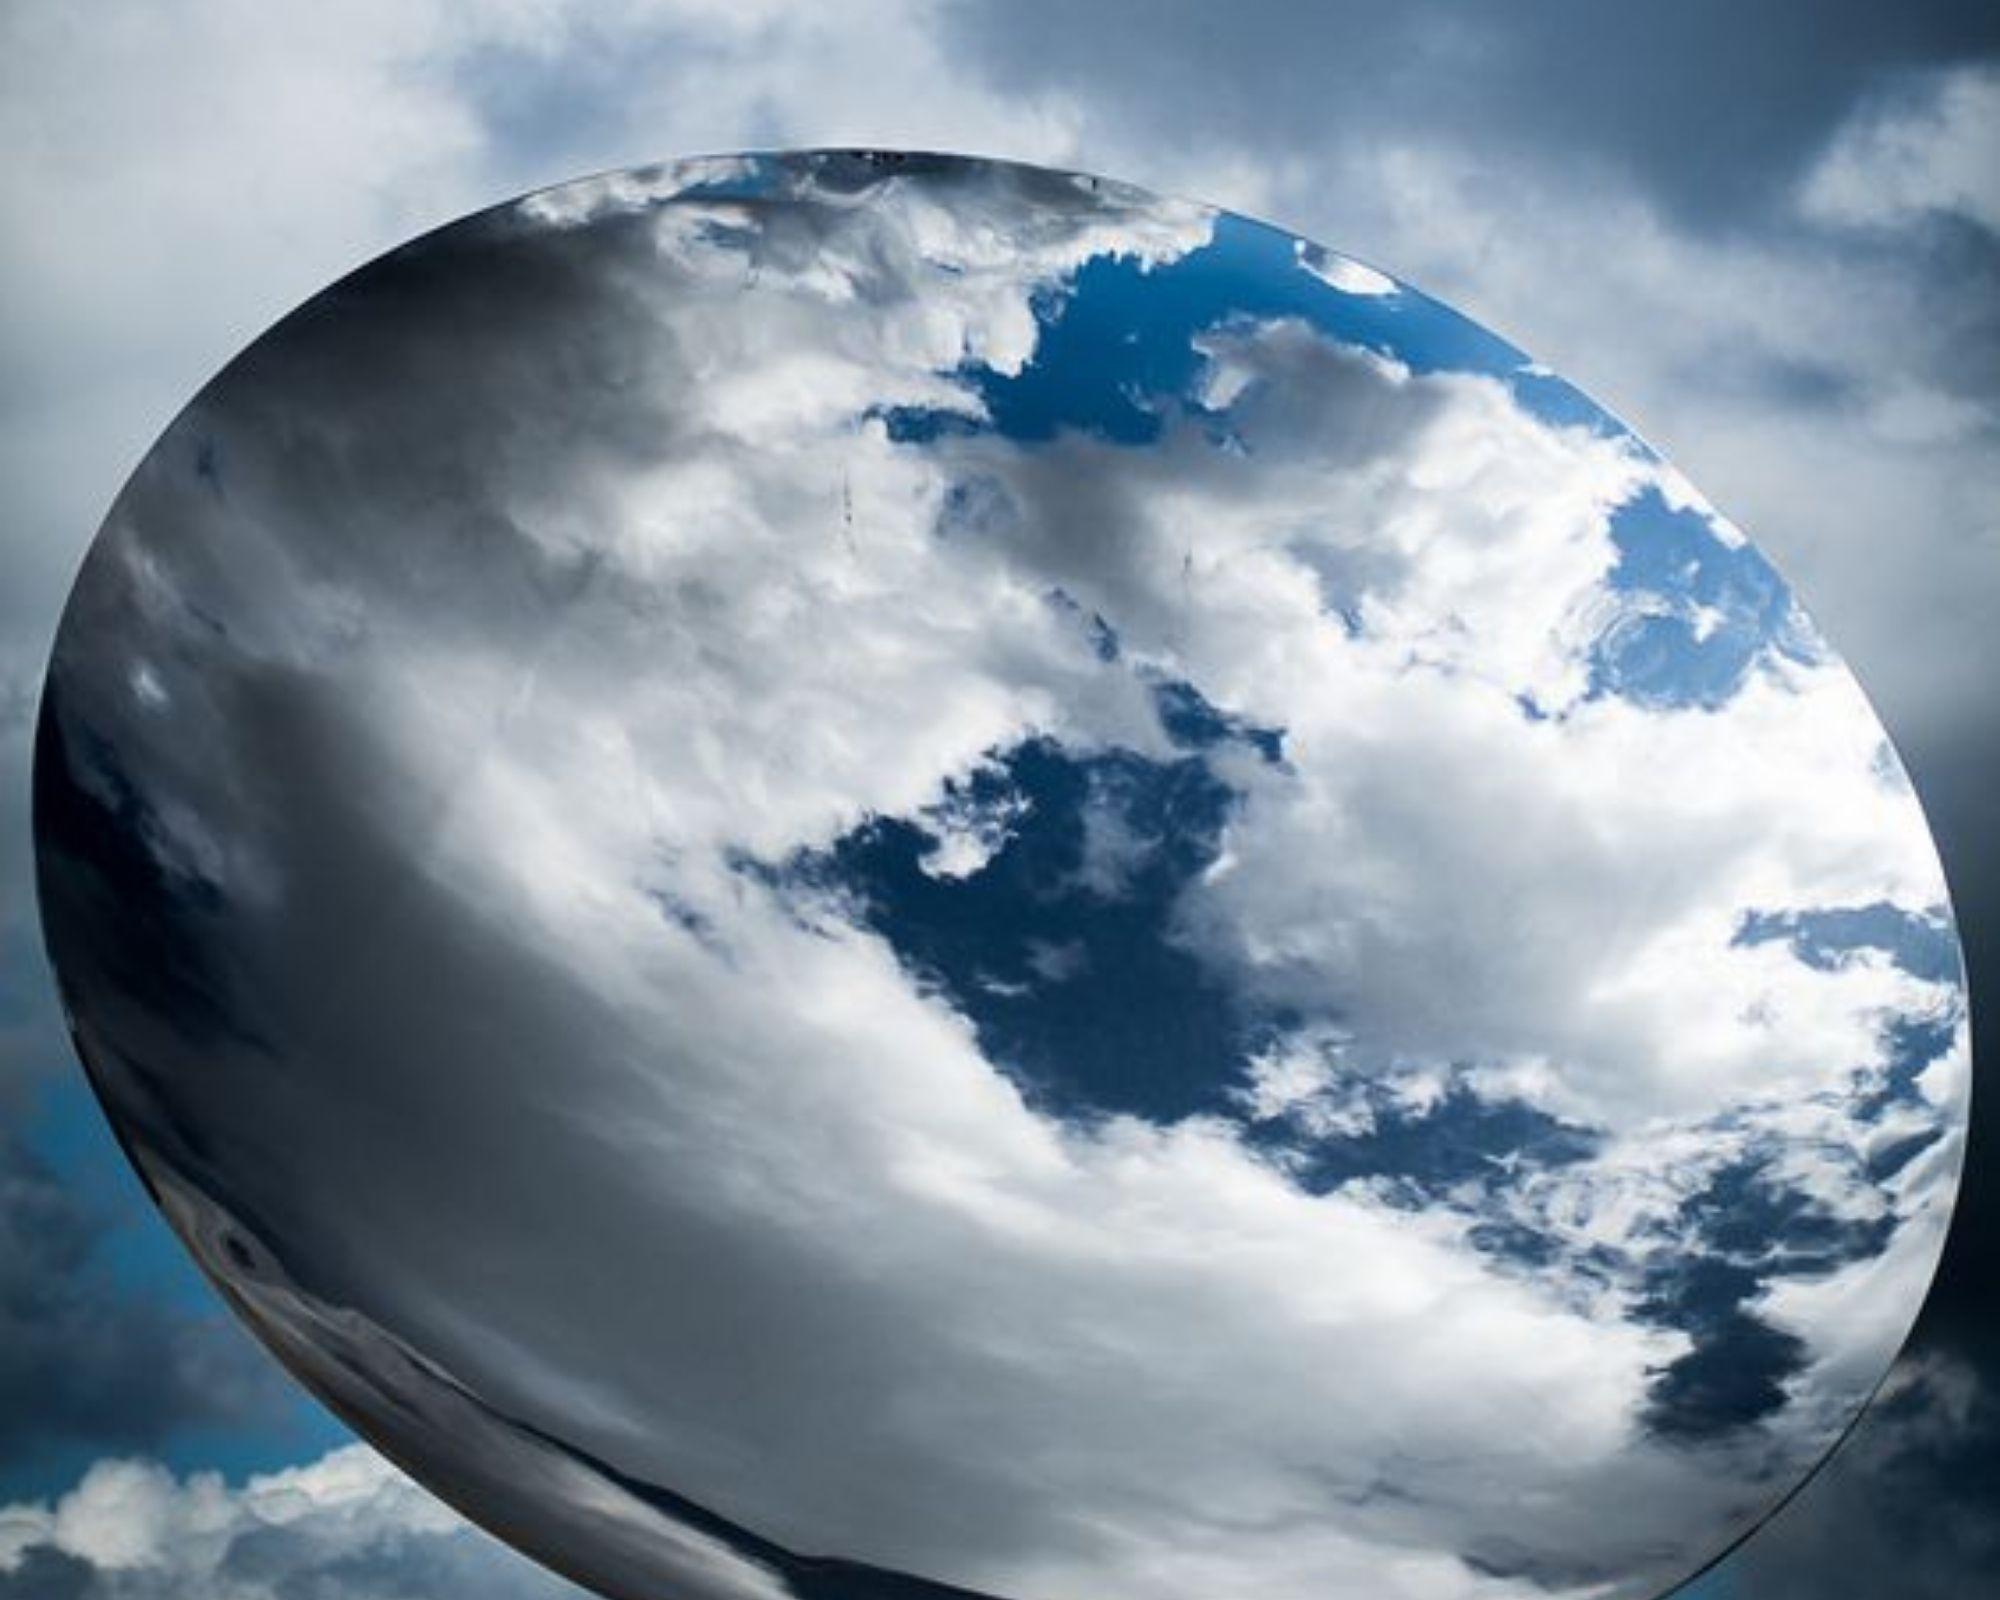 Sky Mirror d'Anish Kapoor